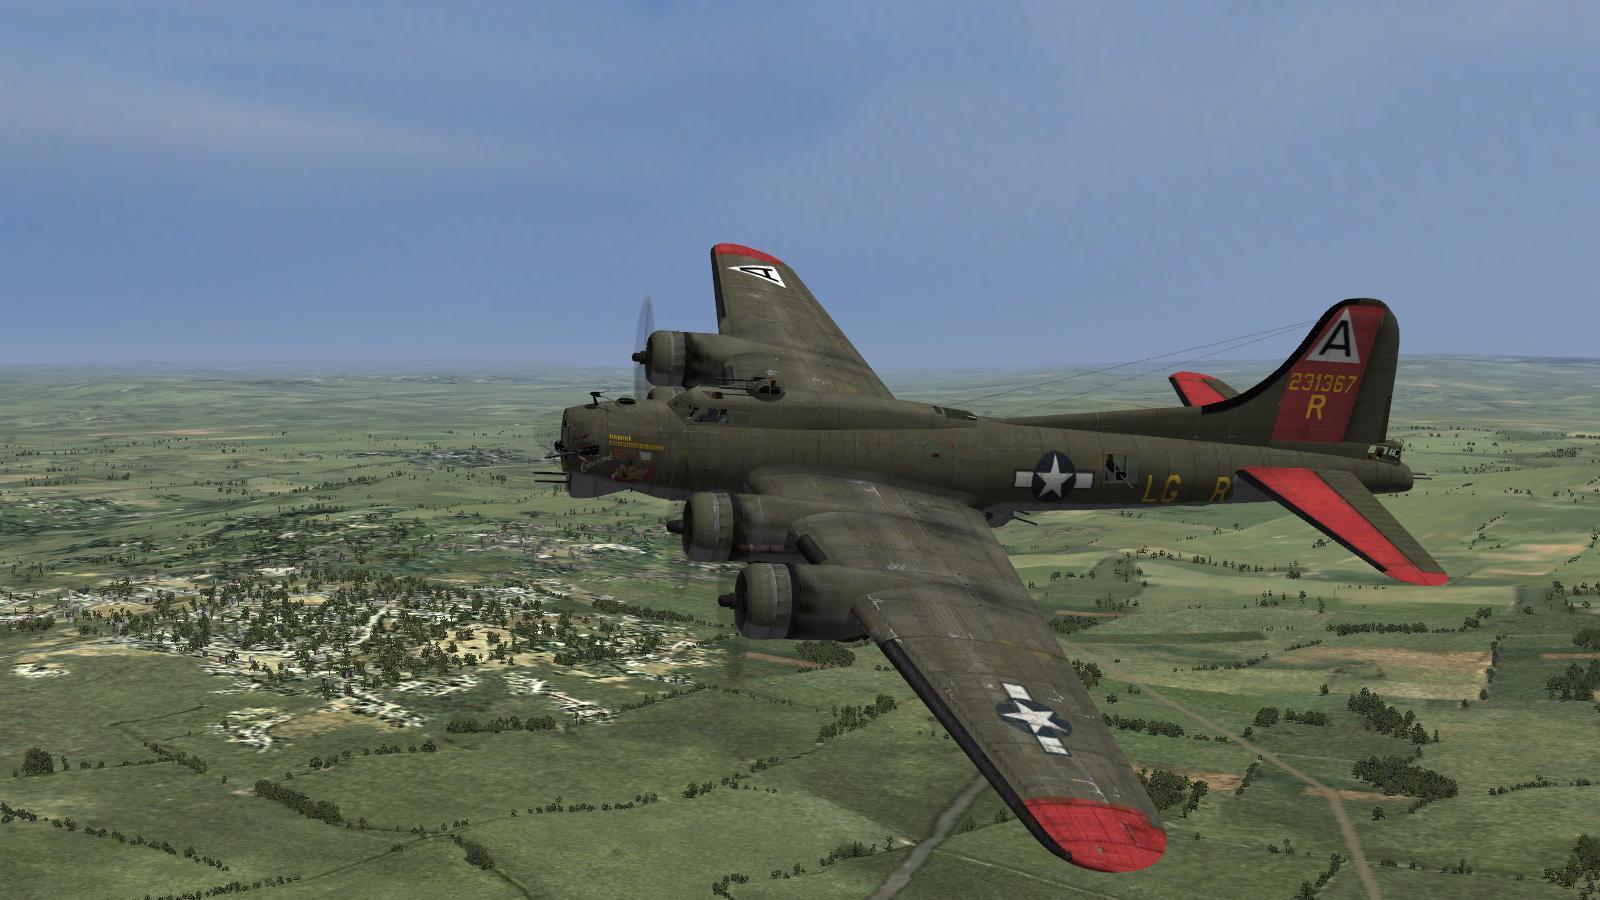 CFS3+ETO Expansion+July '16 DX9 mod - B-17G